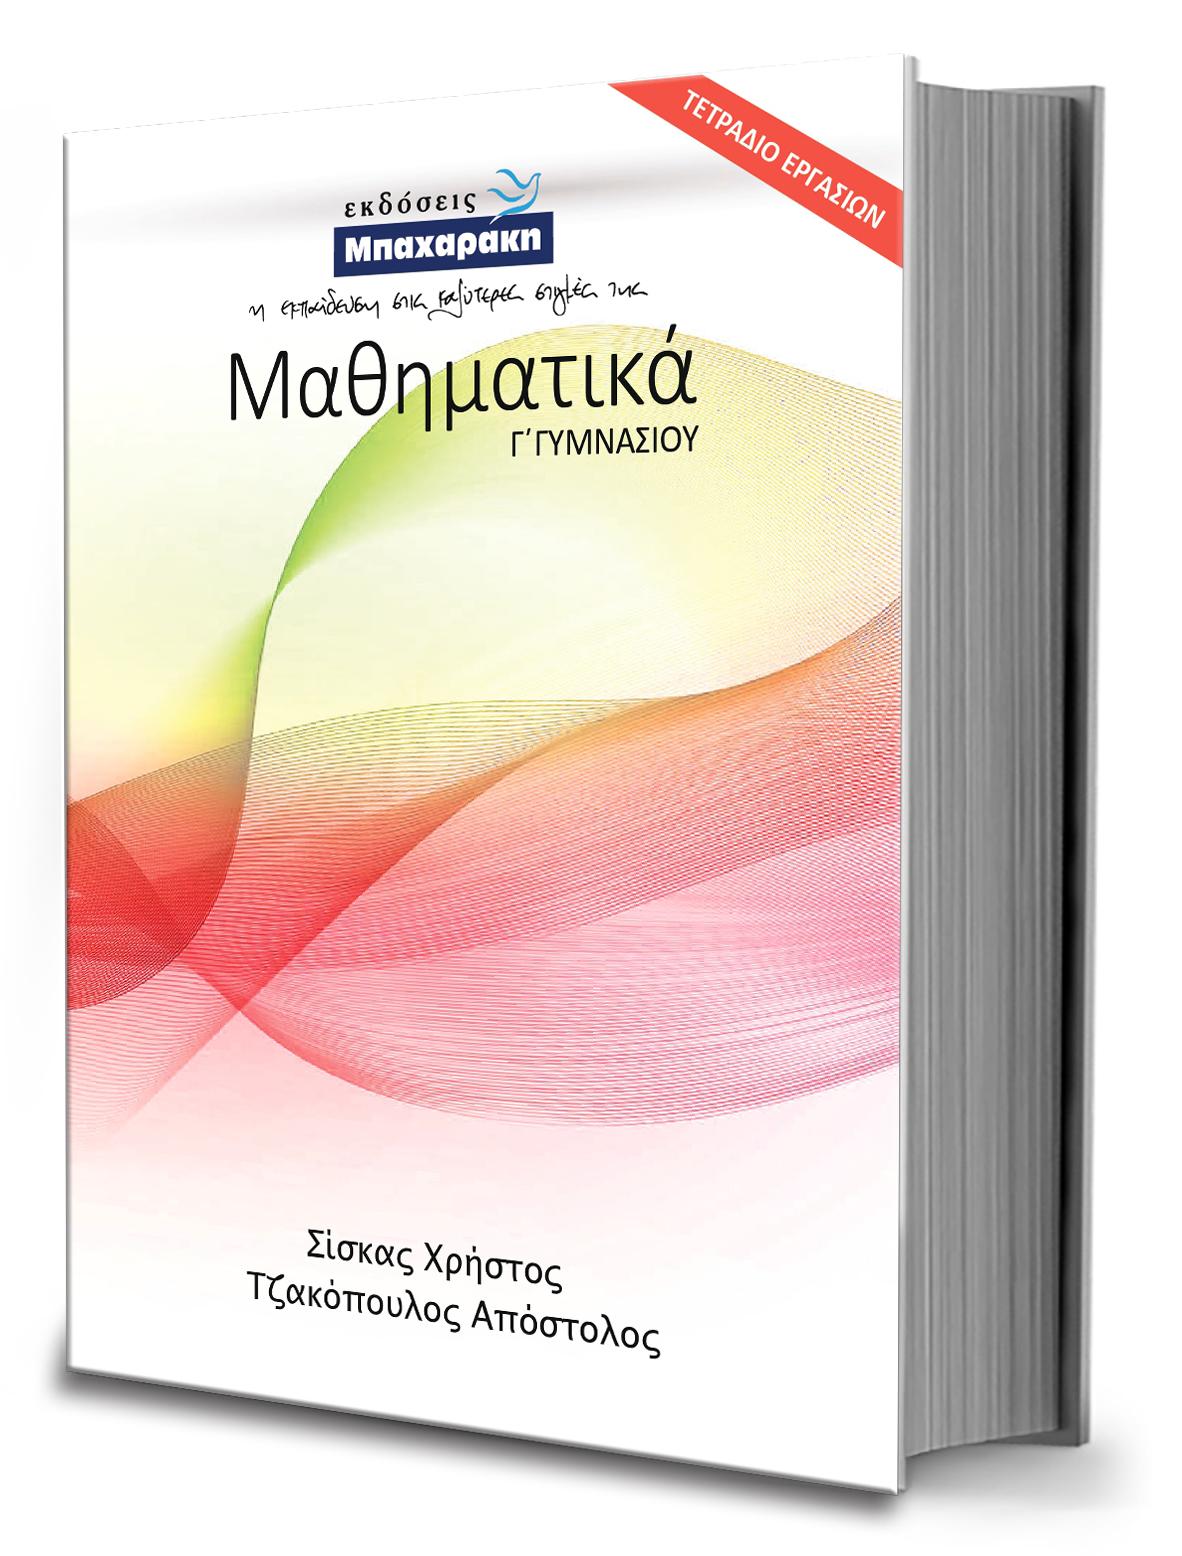 Εκδόσεις Μπαχαράκη: ΜΑΘΗΜΑΤΙΚΑ Γ' Γυμνασίου (Τετράδιο Εργασιών)